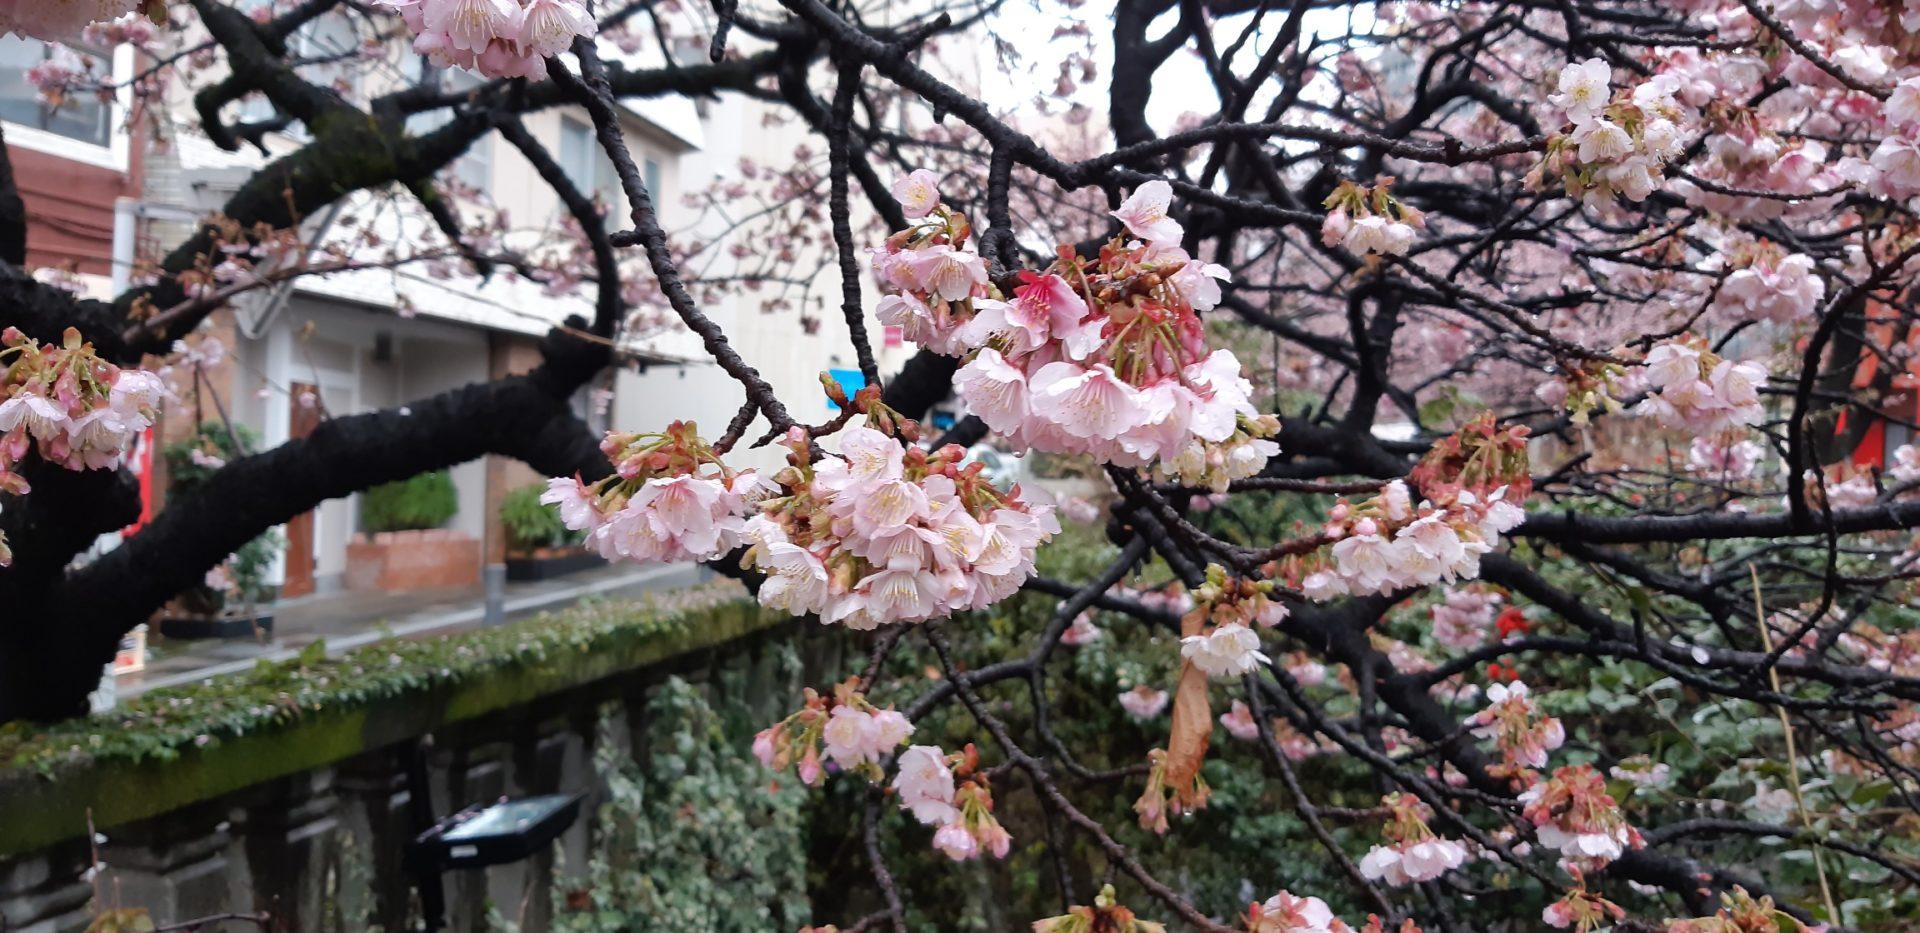 小雨の熱海温泉(1月26日)・・・・糸川のあたみ桜は、ピンクの色が増します。